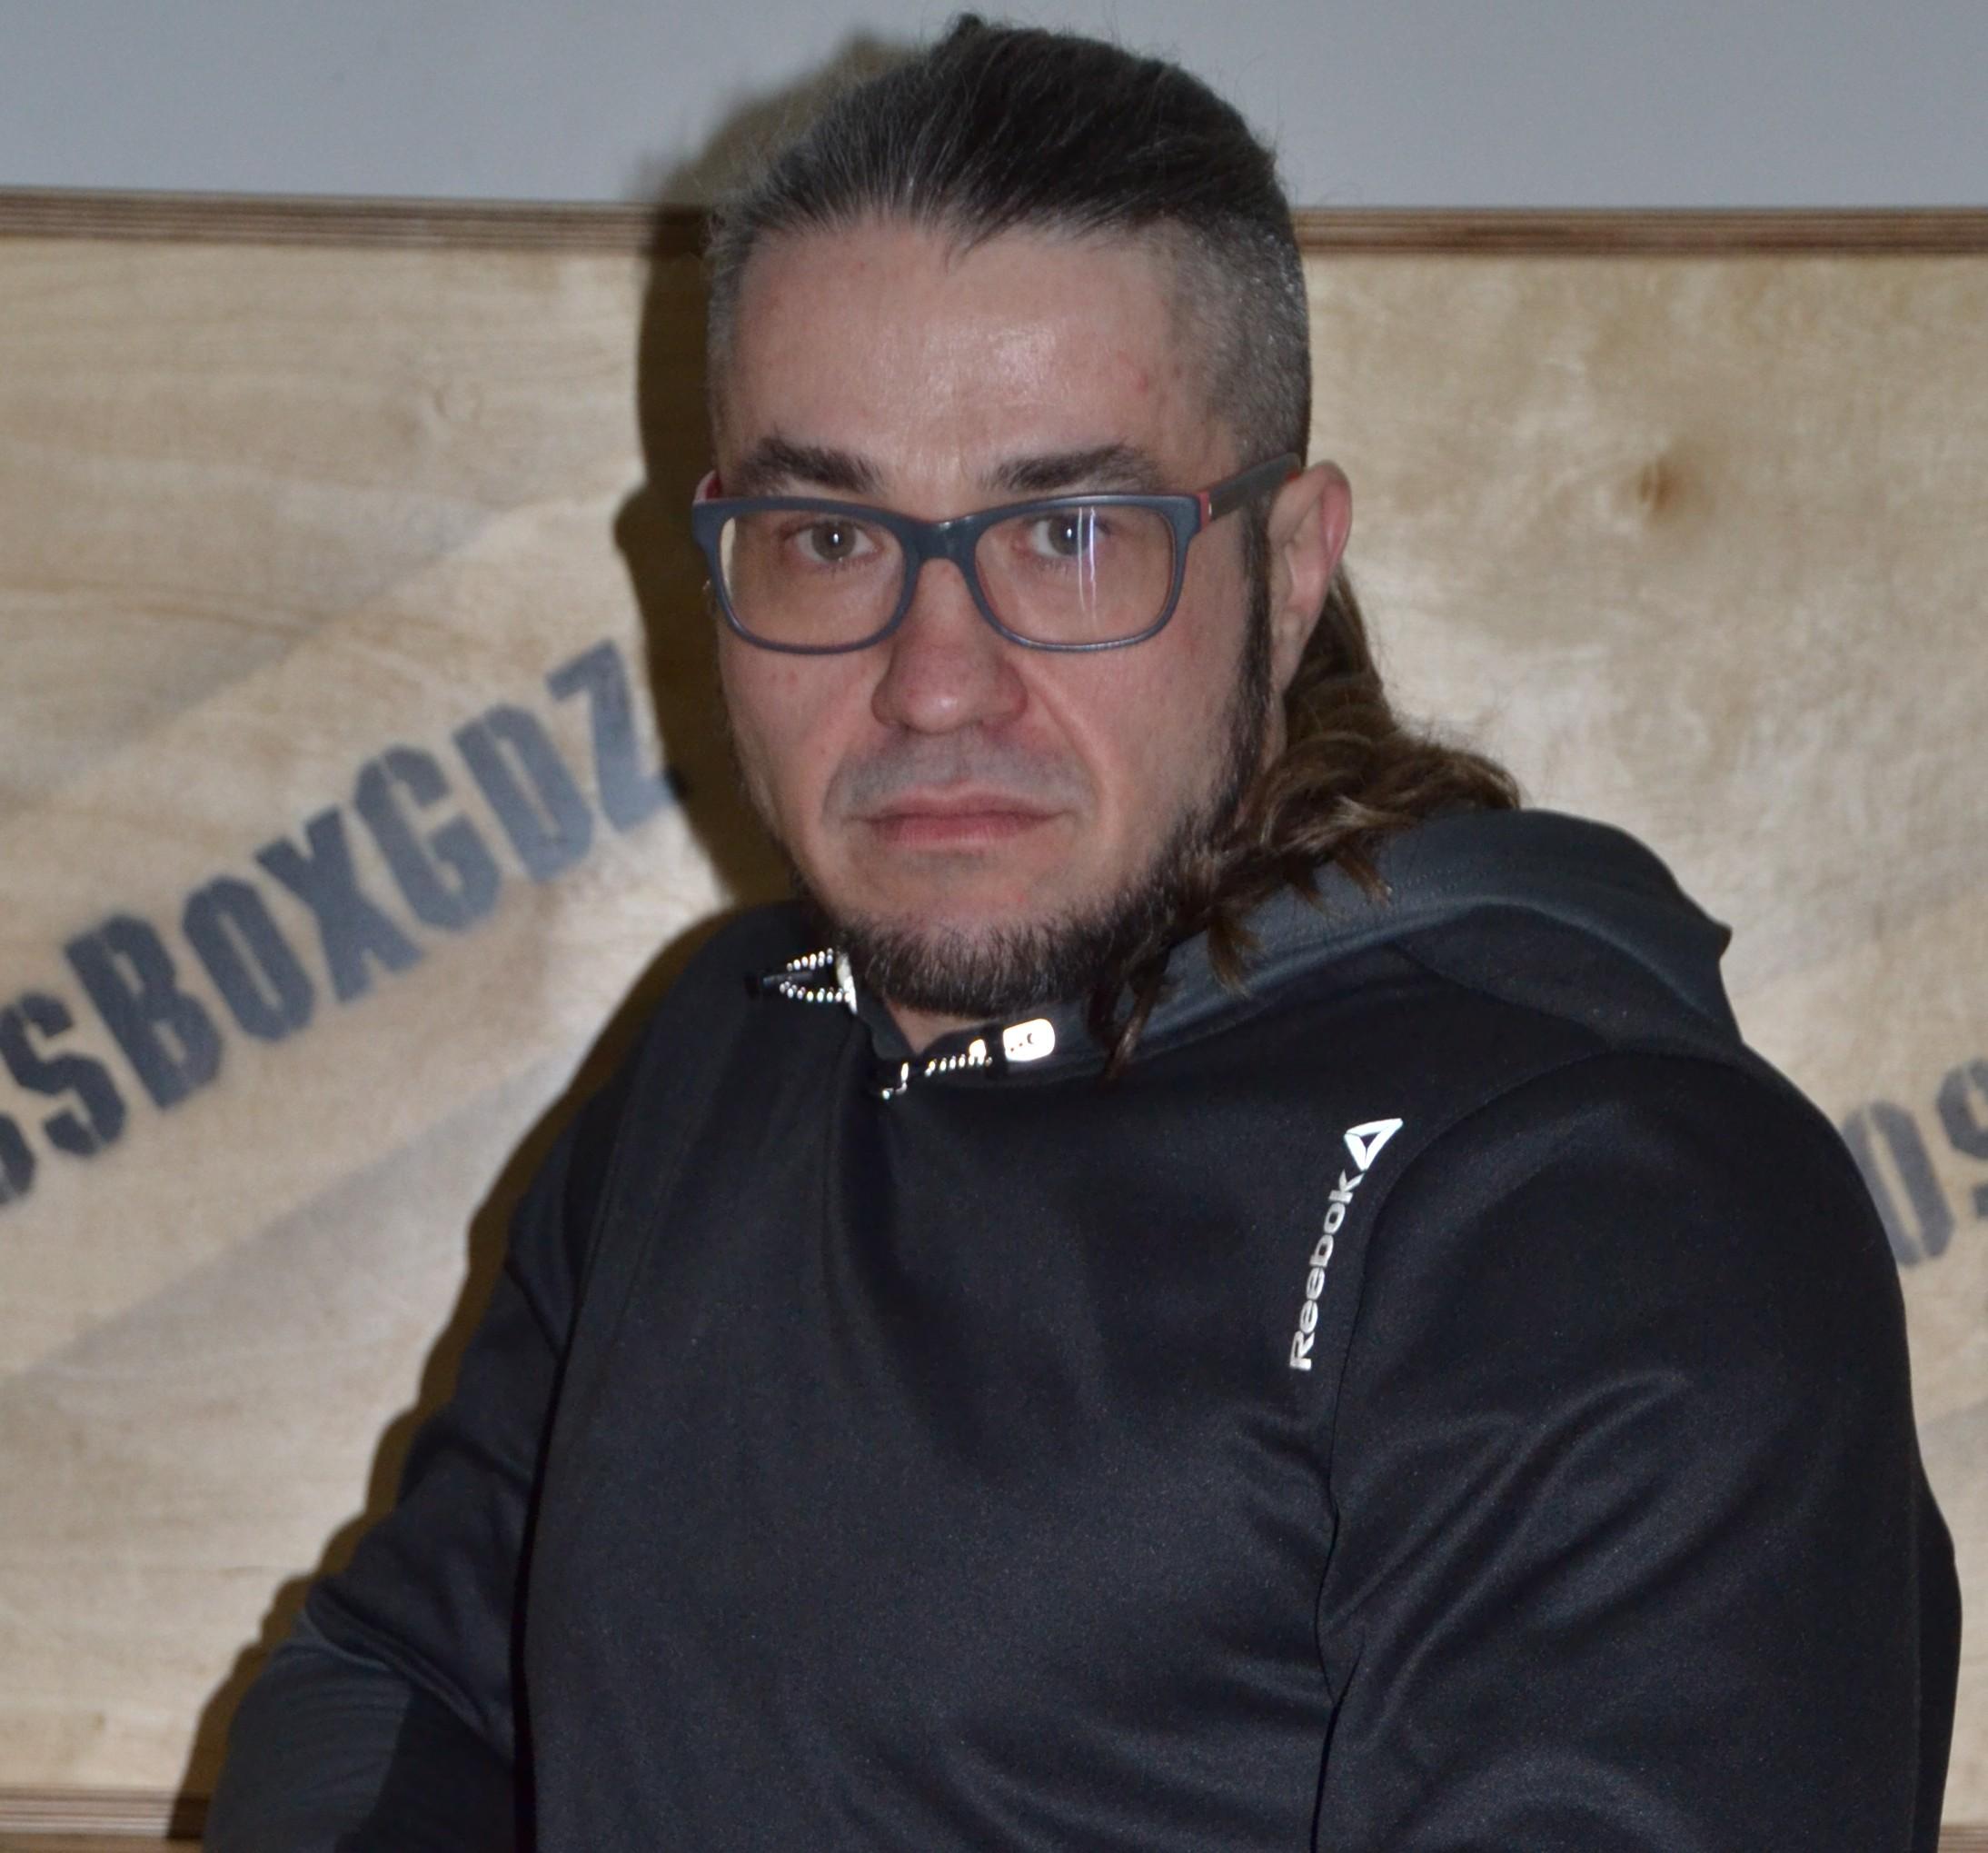 Willy Krzysztof Lach